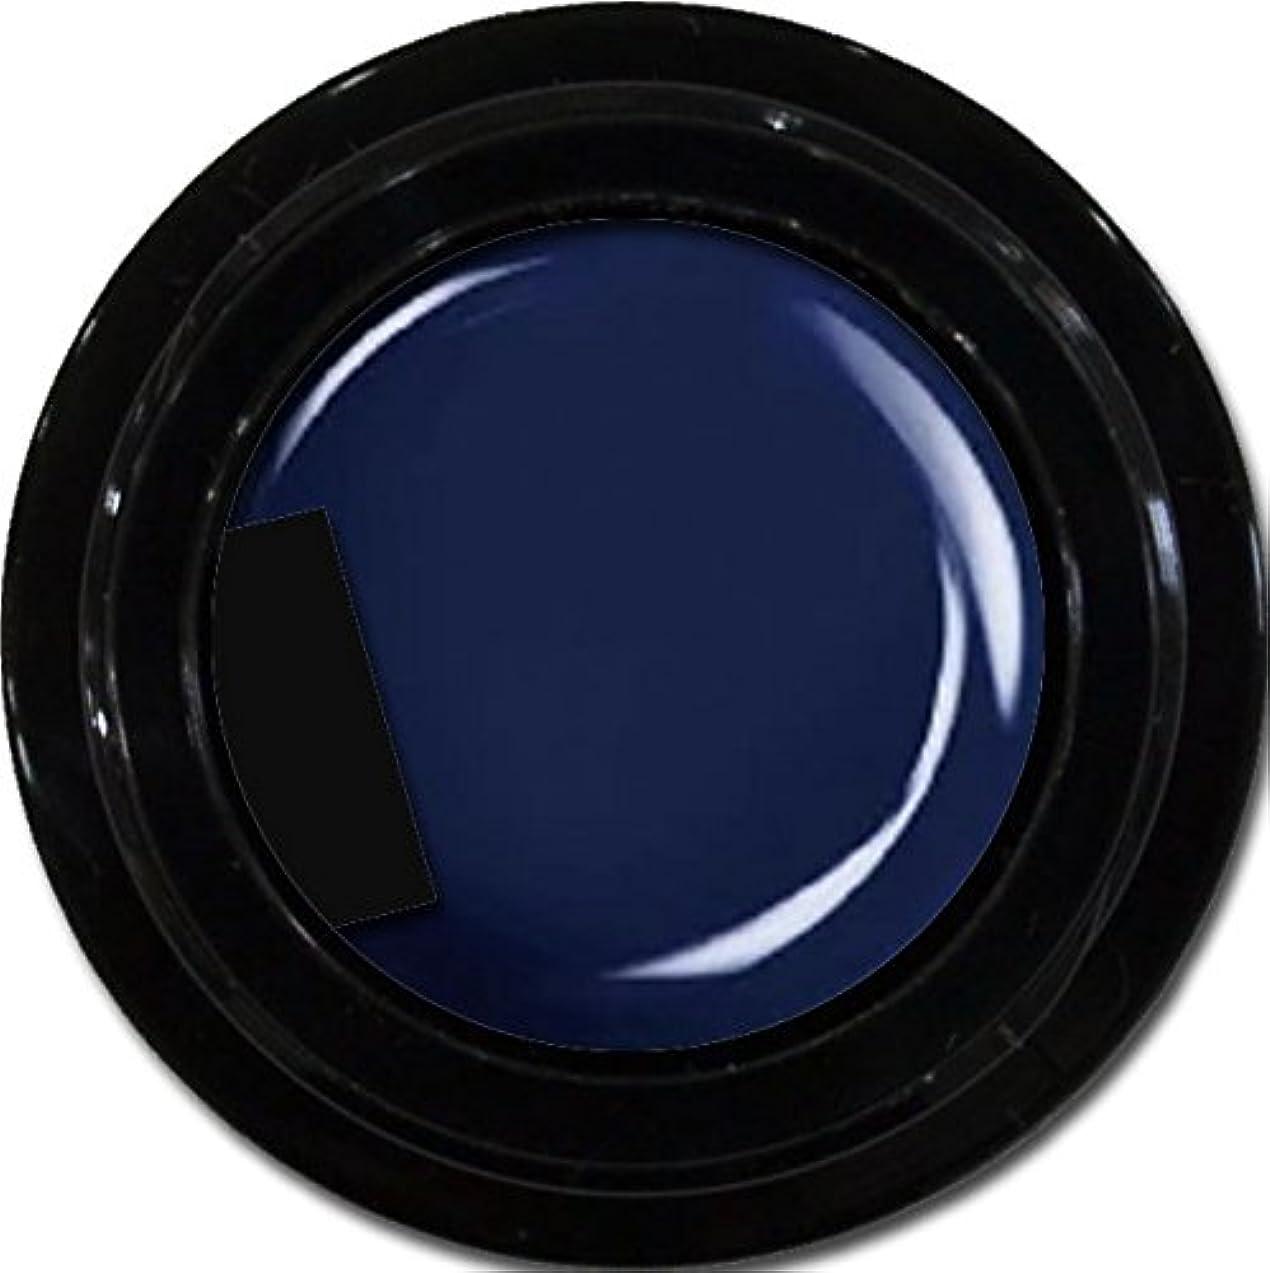 ガラス暖かさ予感カラージェル enchant color gel M709 Indigo Navy 3g/ マットカラージェル M709 インディゴネイビー 3グラム